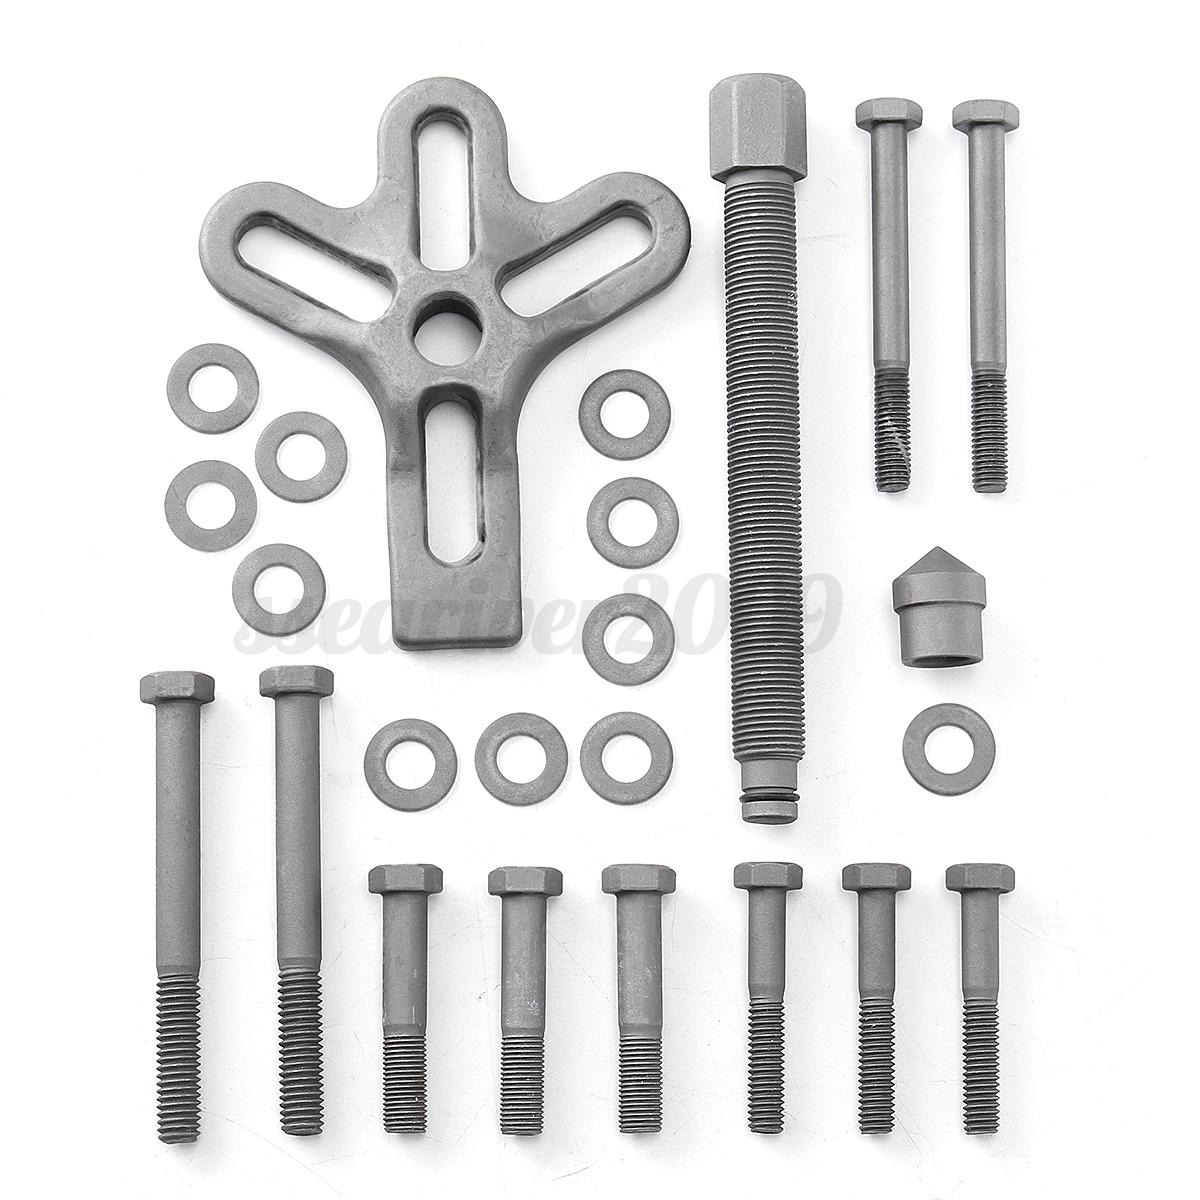 Vp44 Gear Puller Bolt Size : Pcs harmonic balancer puller gear pulley steering